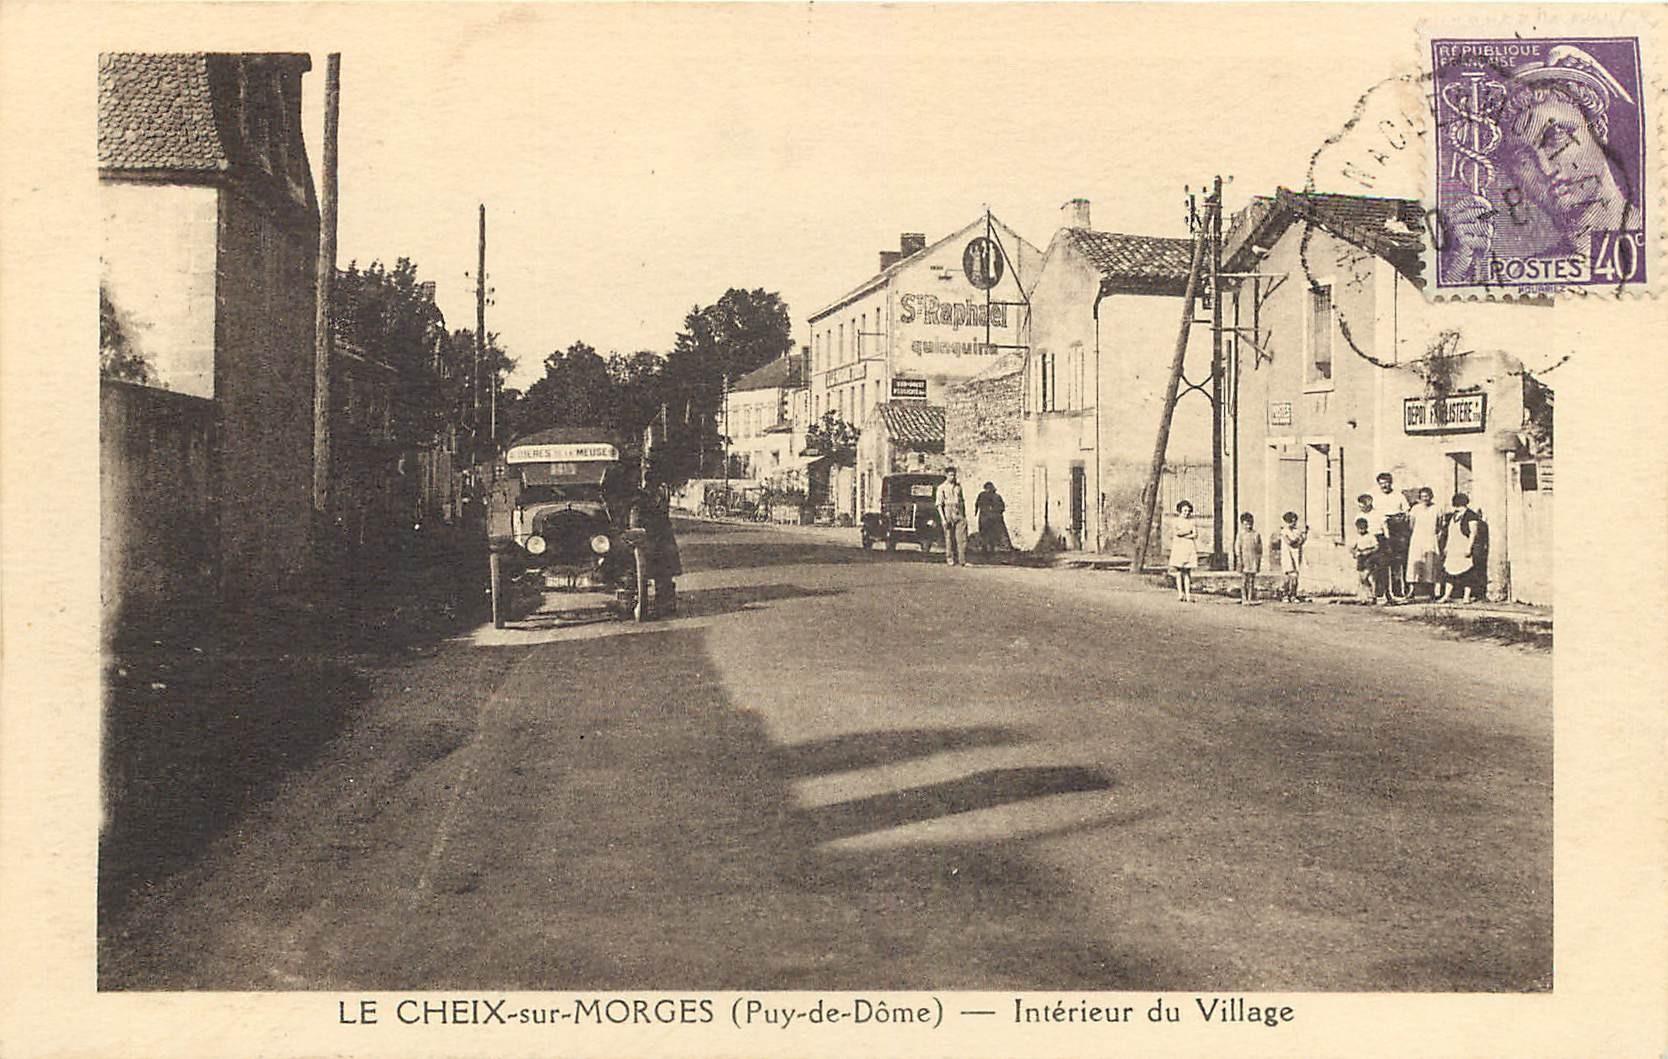 WW 63 LE CHEIX-SUR-MORGES. Camionnette face au Familistère et la Poste vers 1940